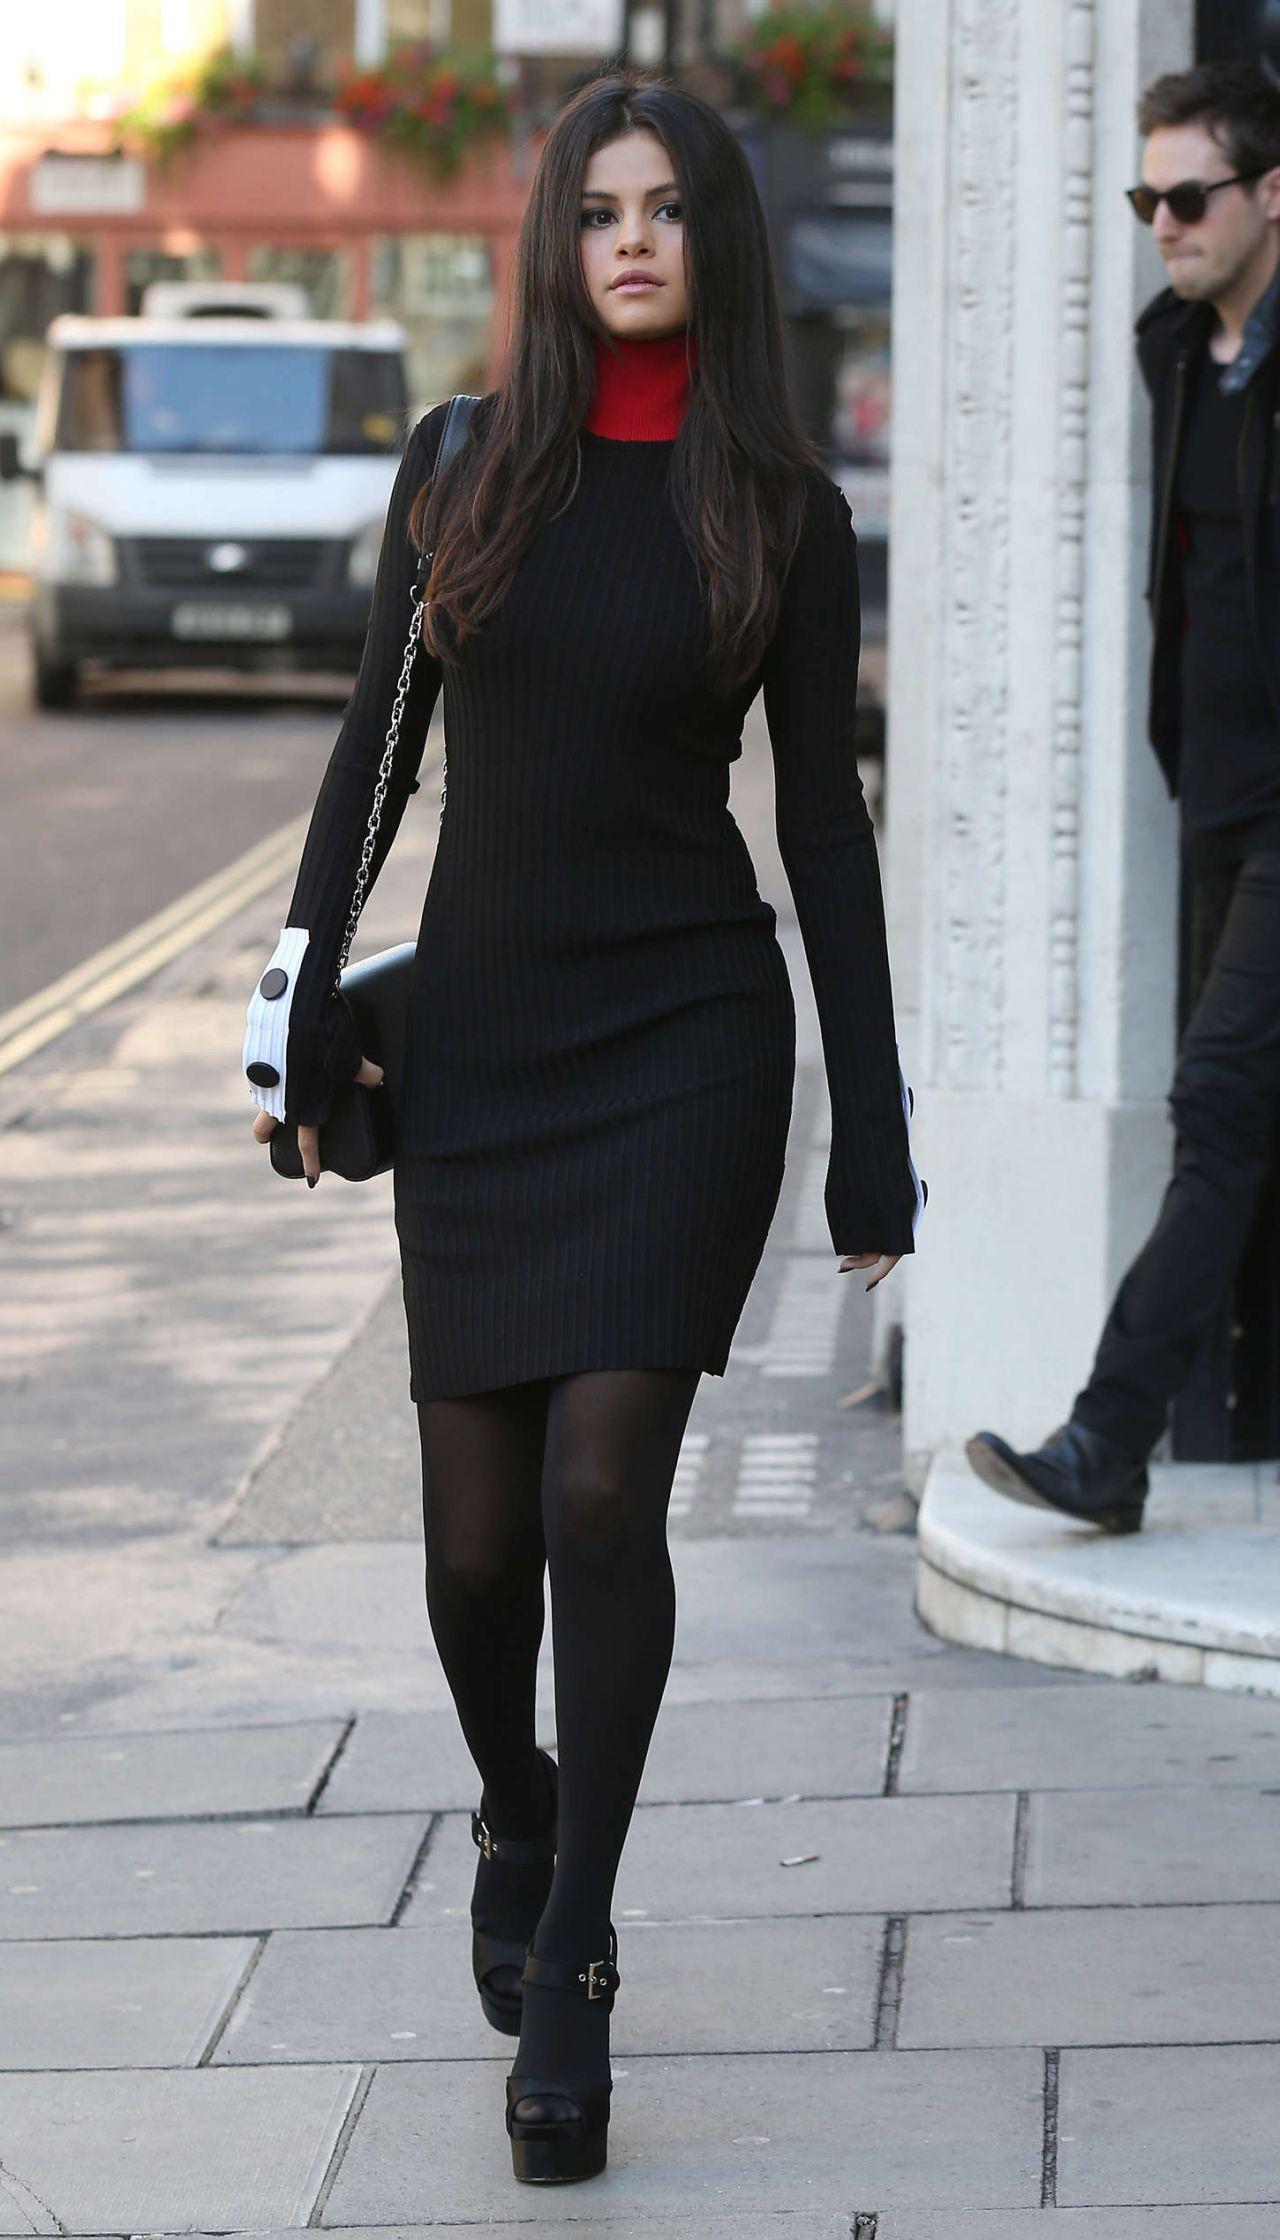 Selena Gomez Style - Leaving Kiss Fm Studios In London -4281